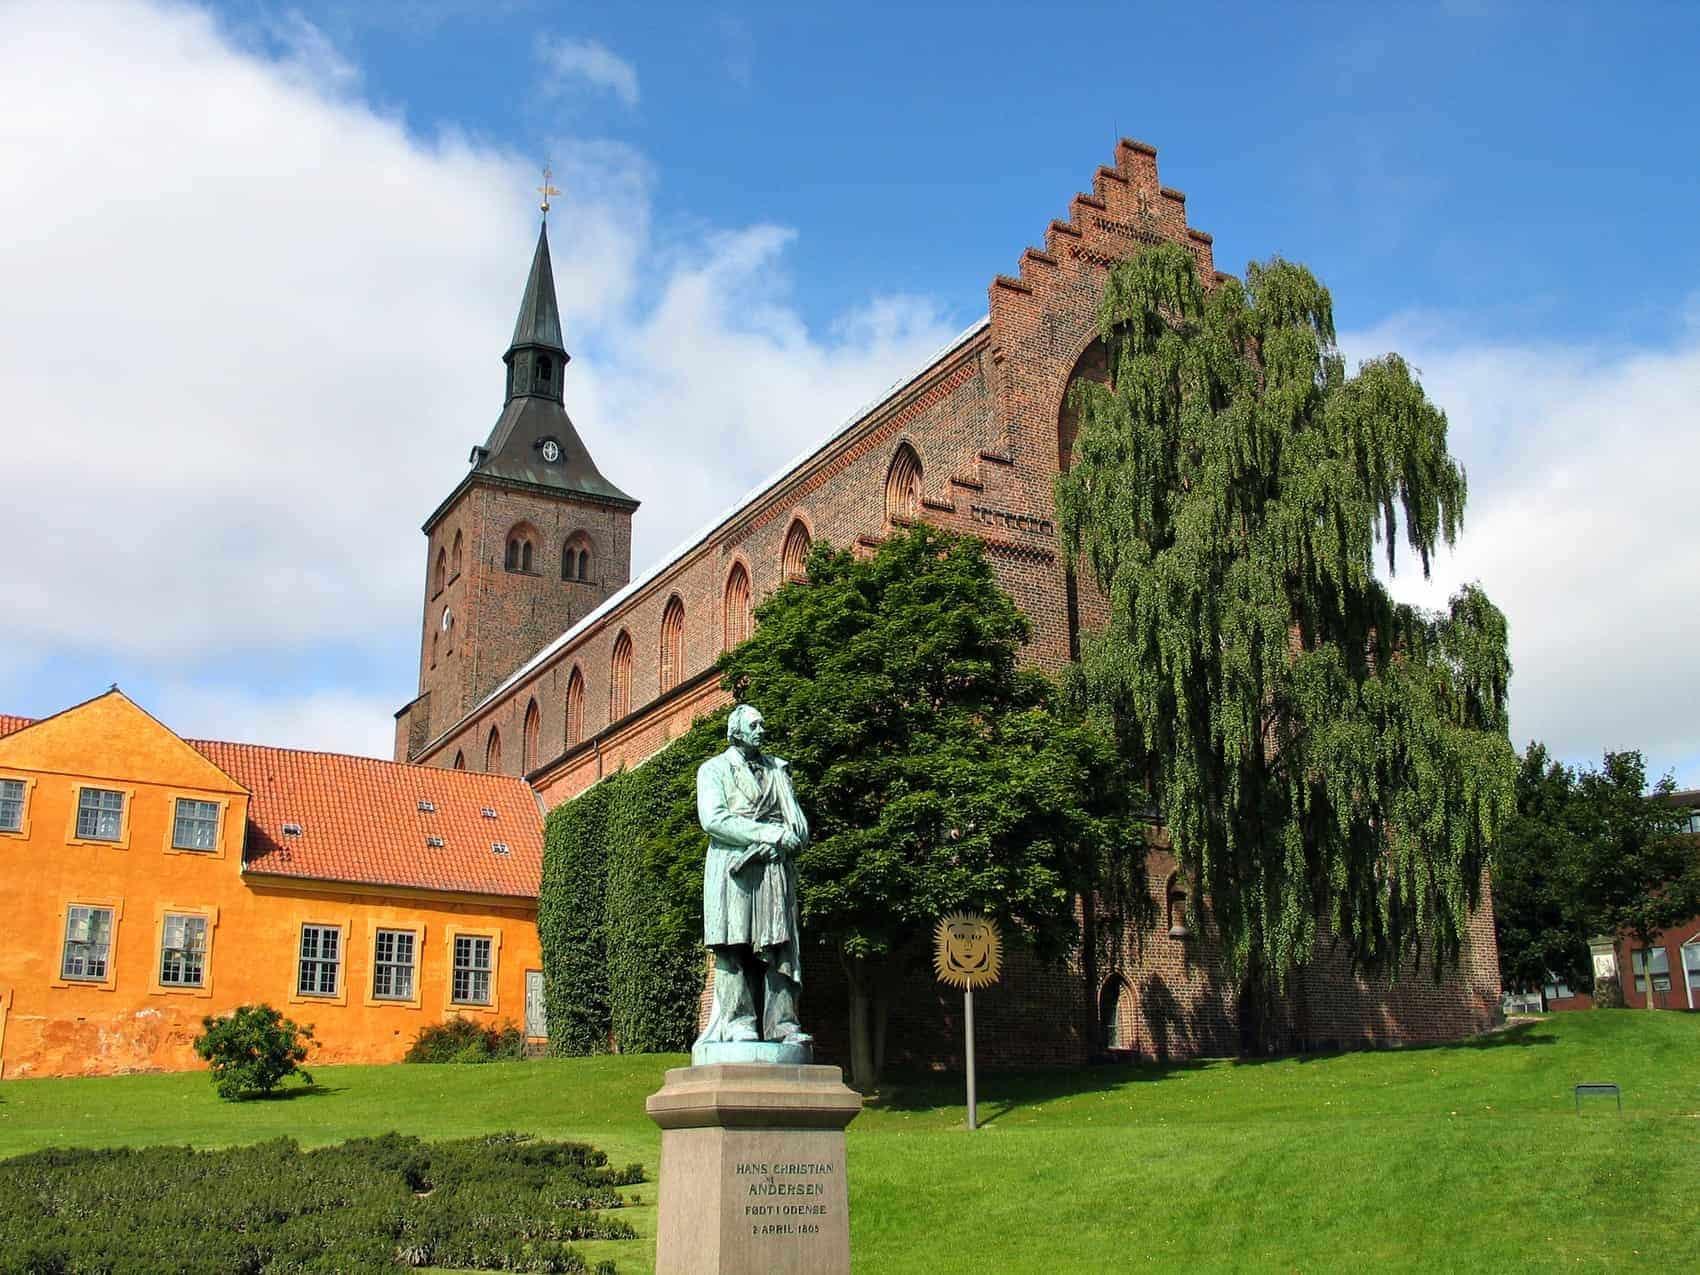 Hans Christian Andersen,Odense Danmark